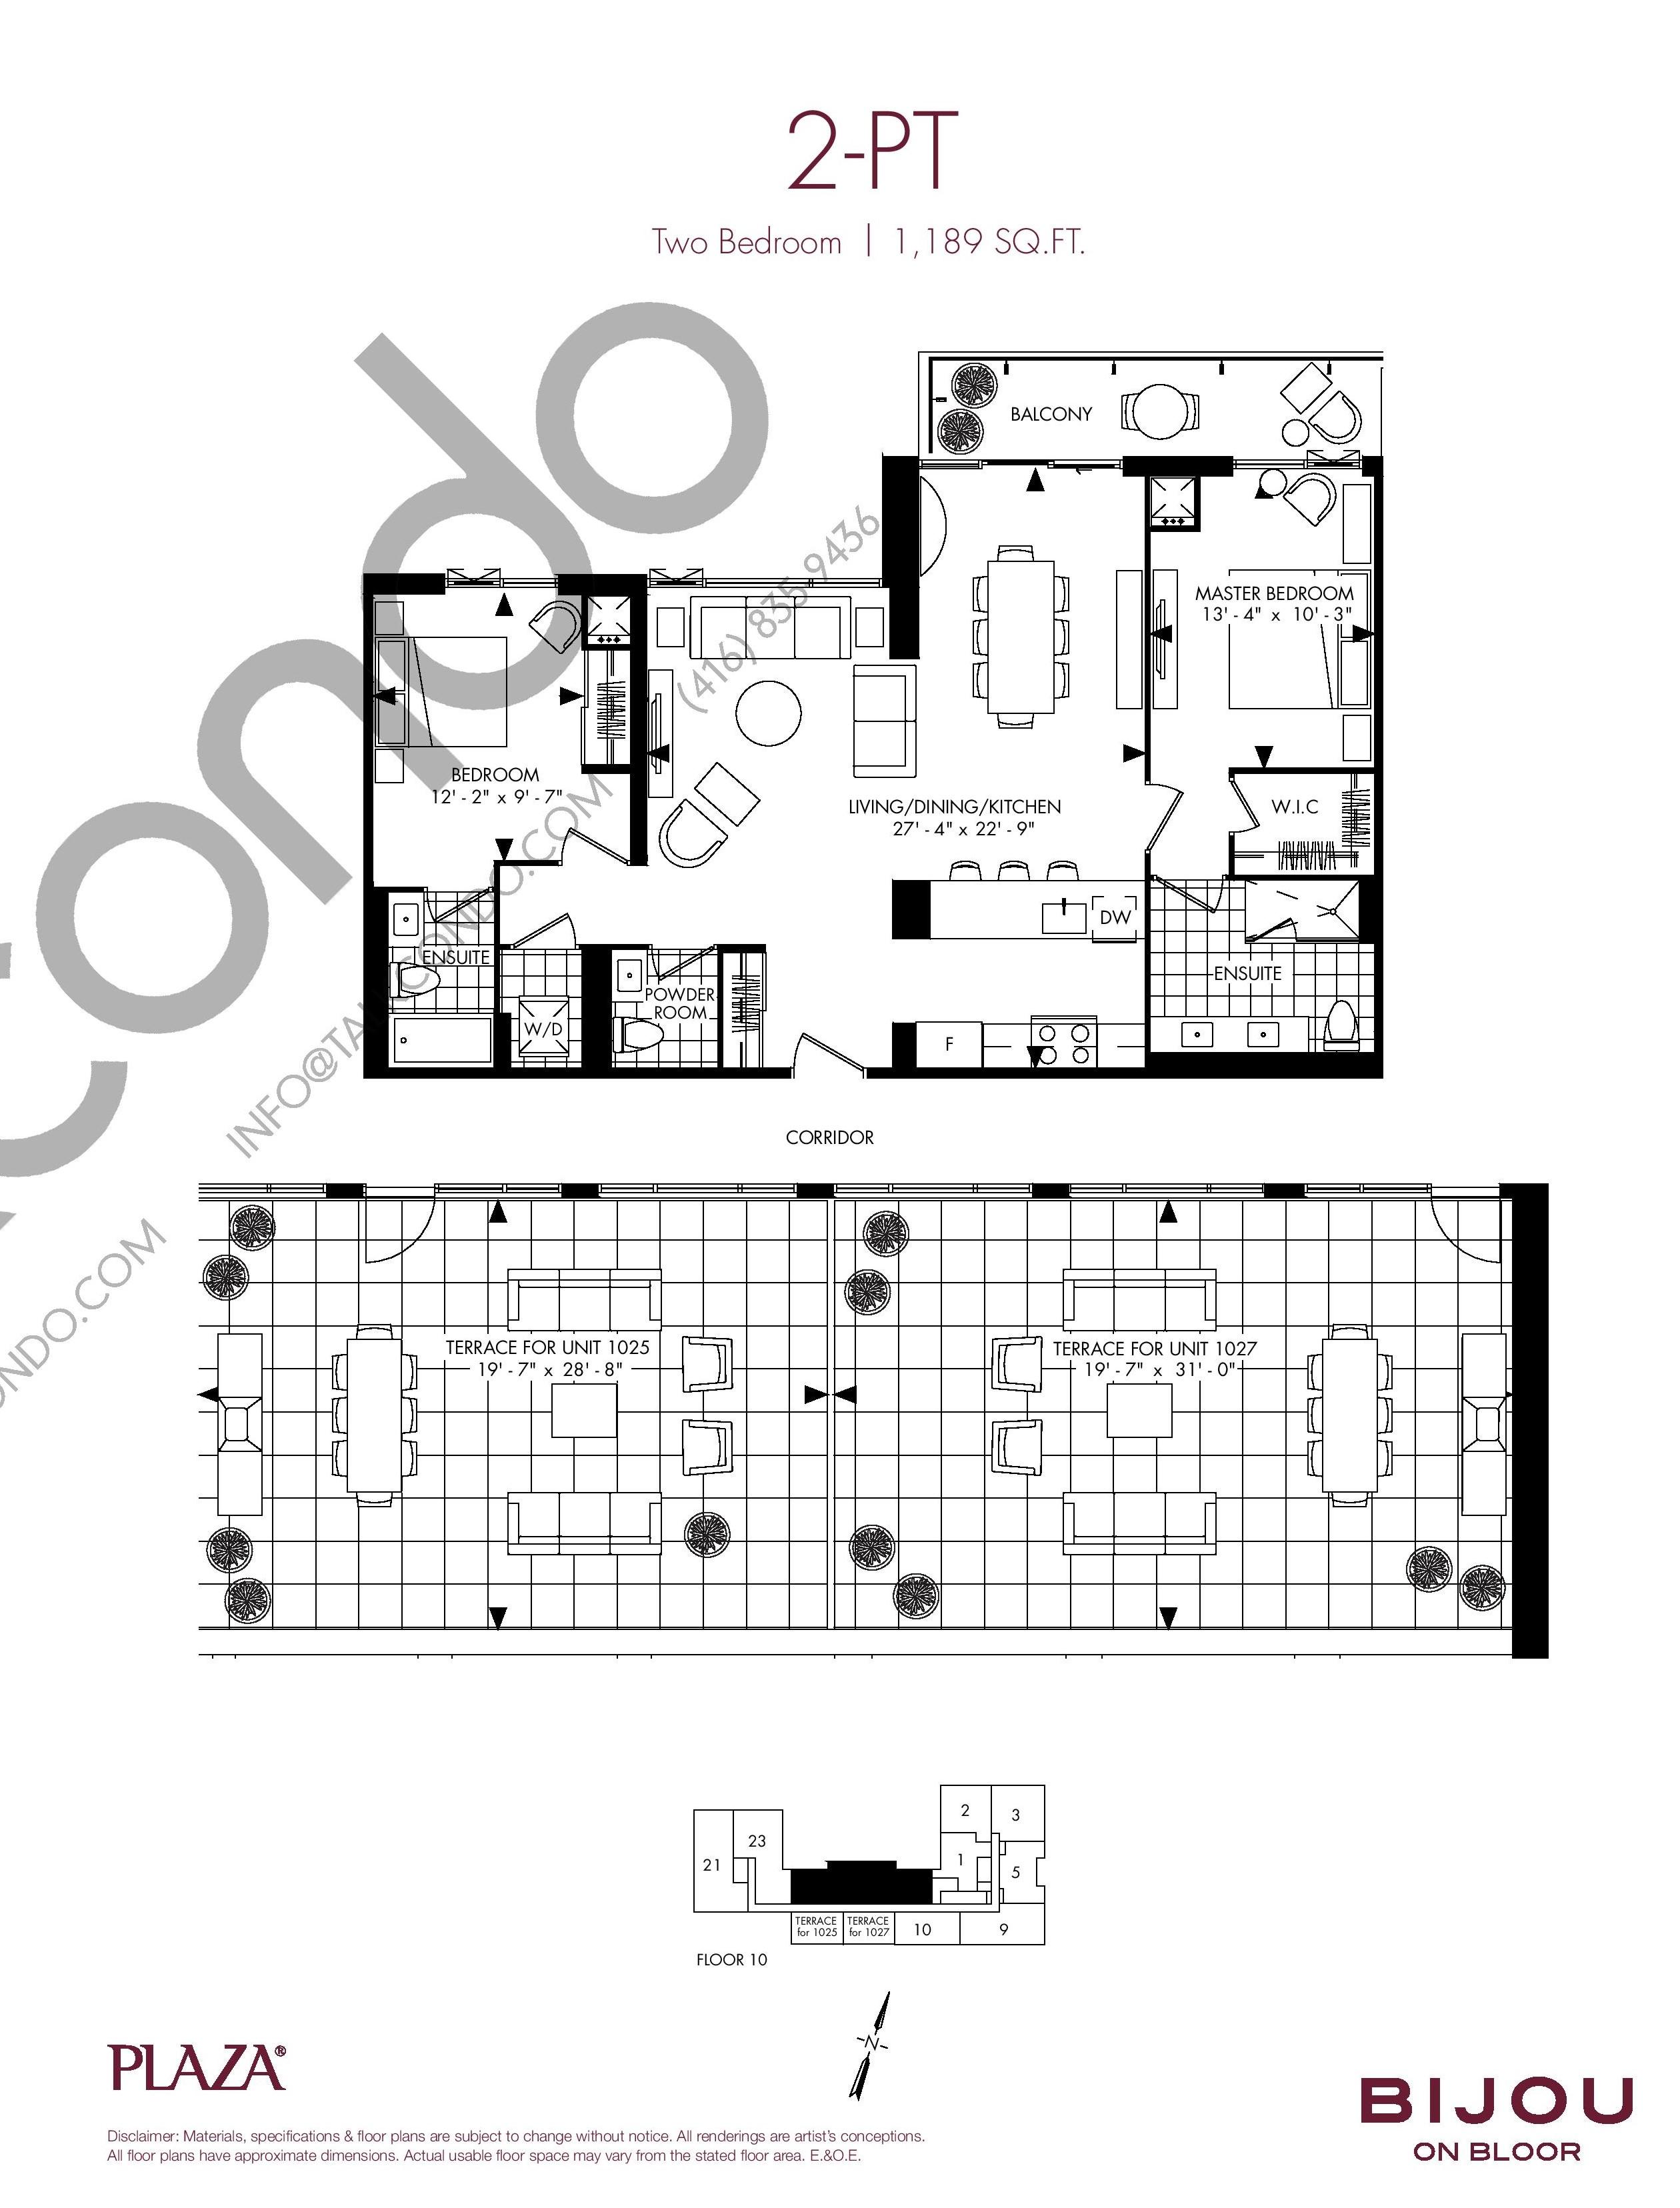 2-PT Floor Plan at Bijou On Bloor Condos - 1189 sq.ft